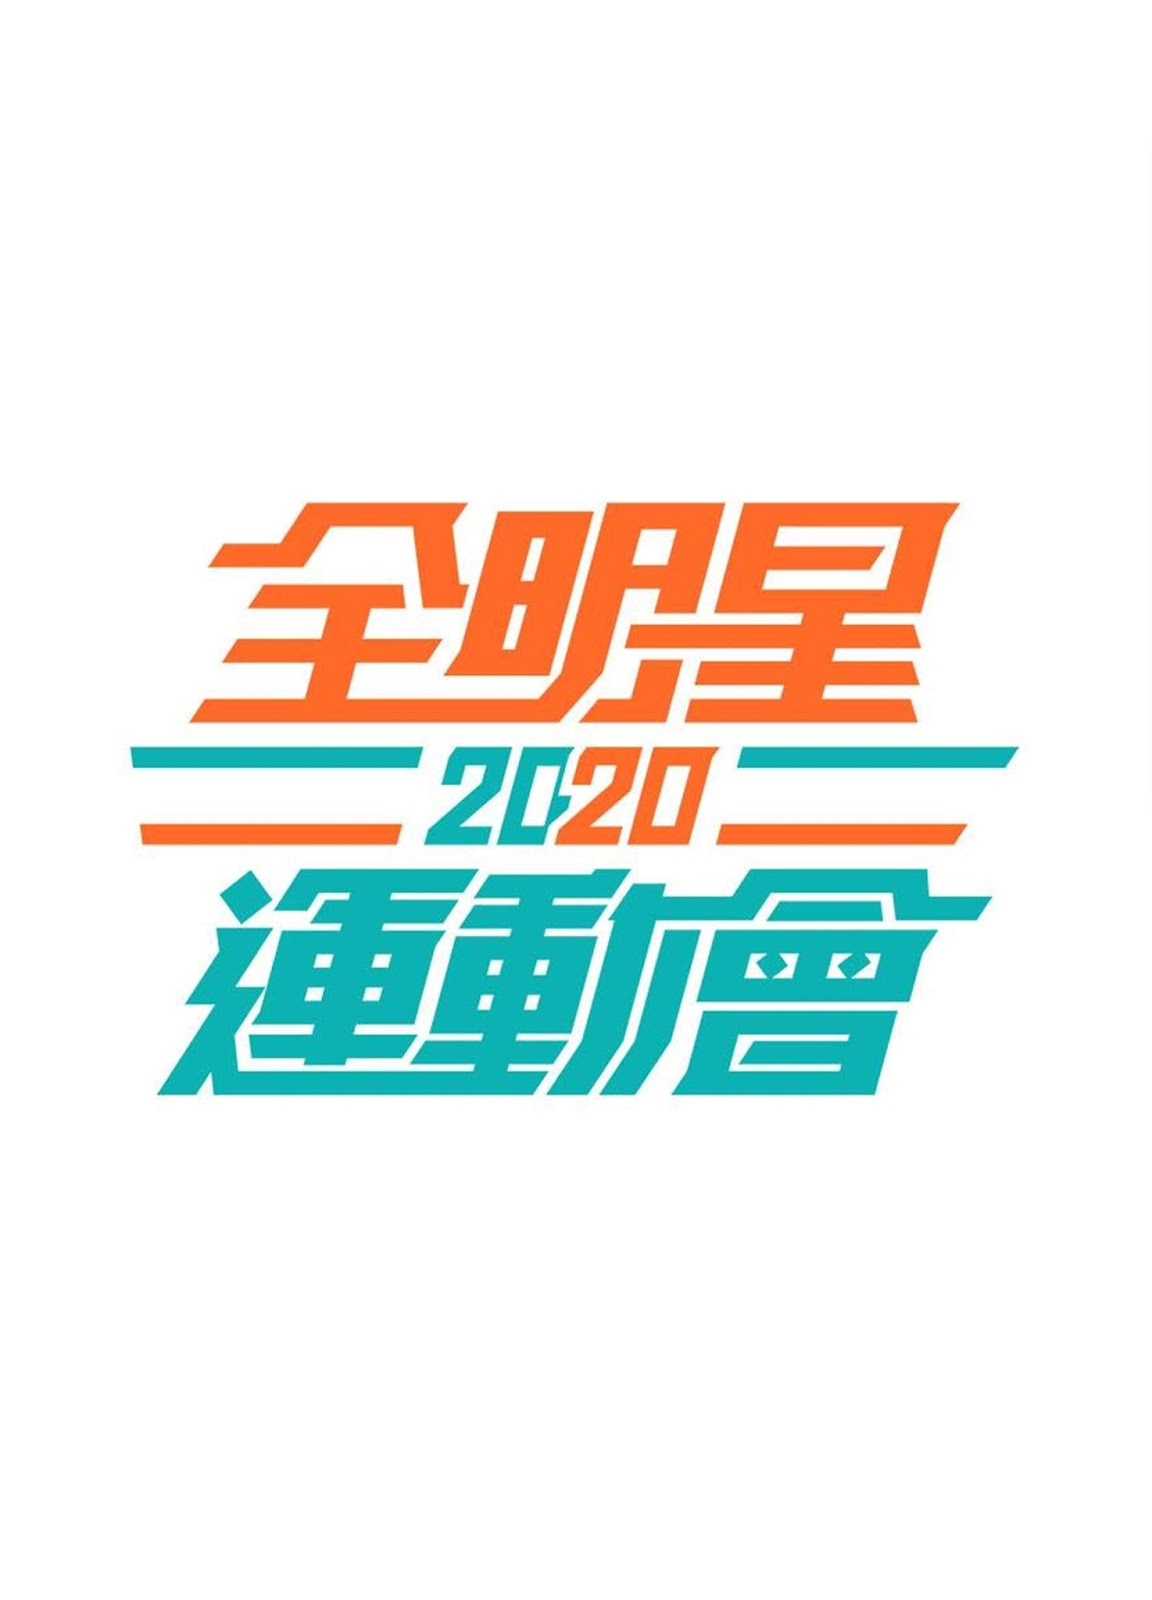 2020全明星運動會 - 2020All Star Games (2020)